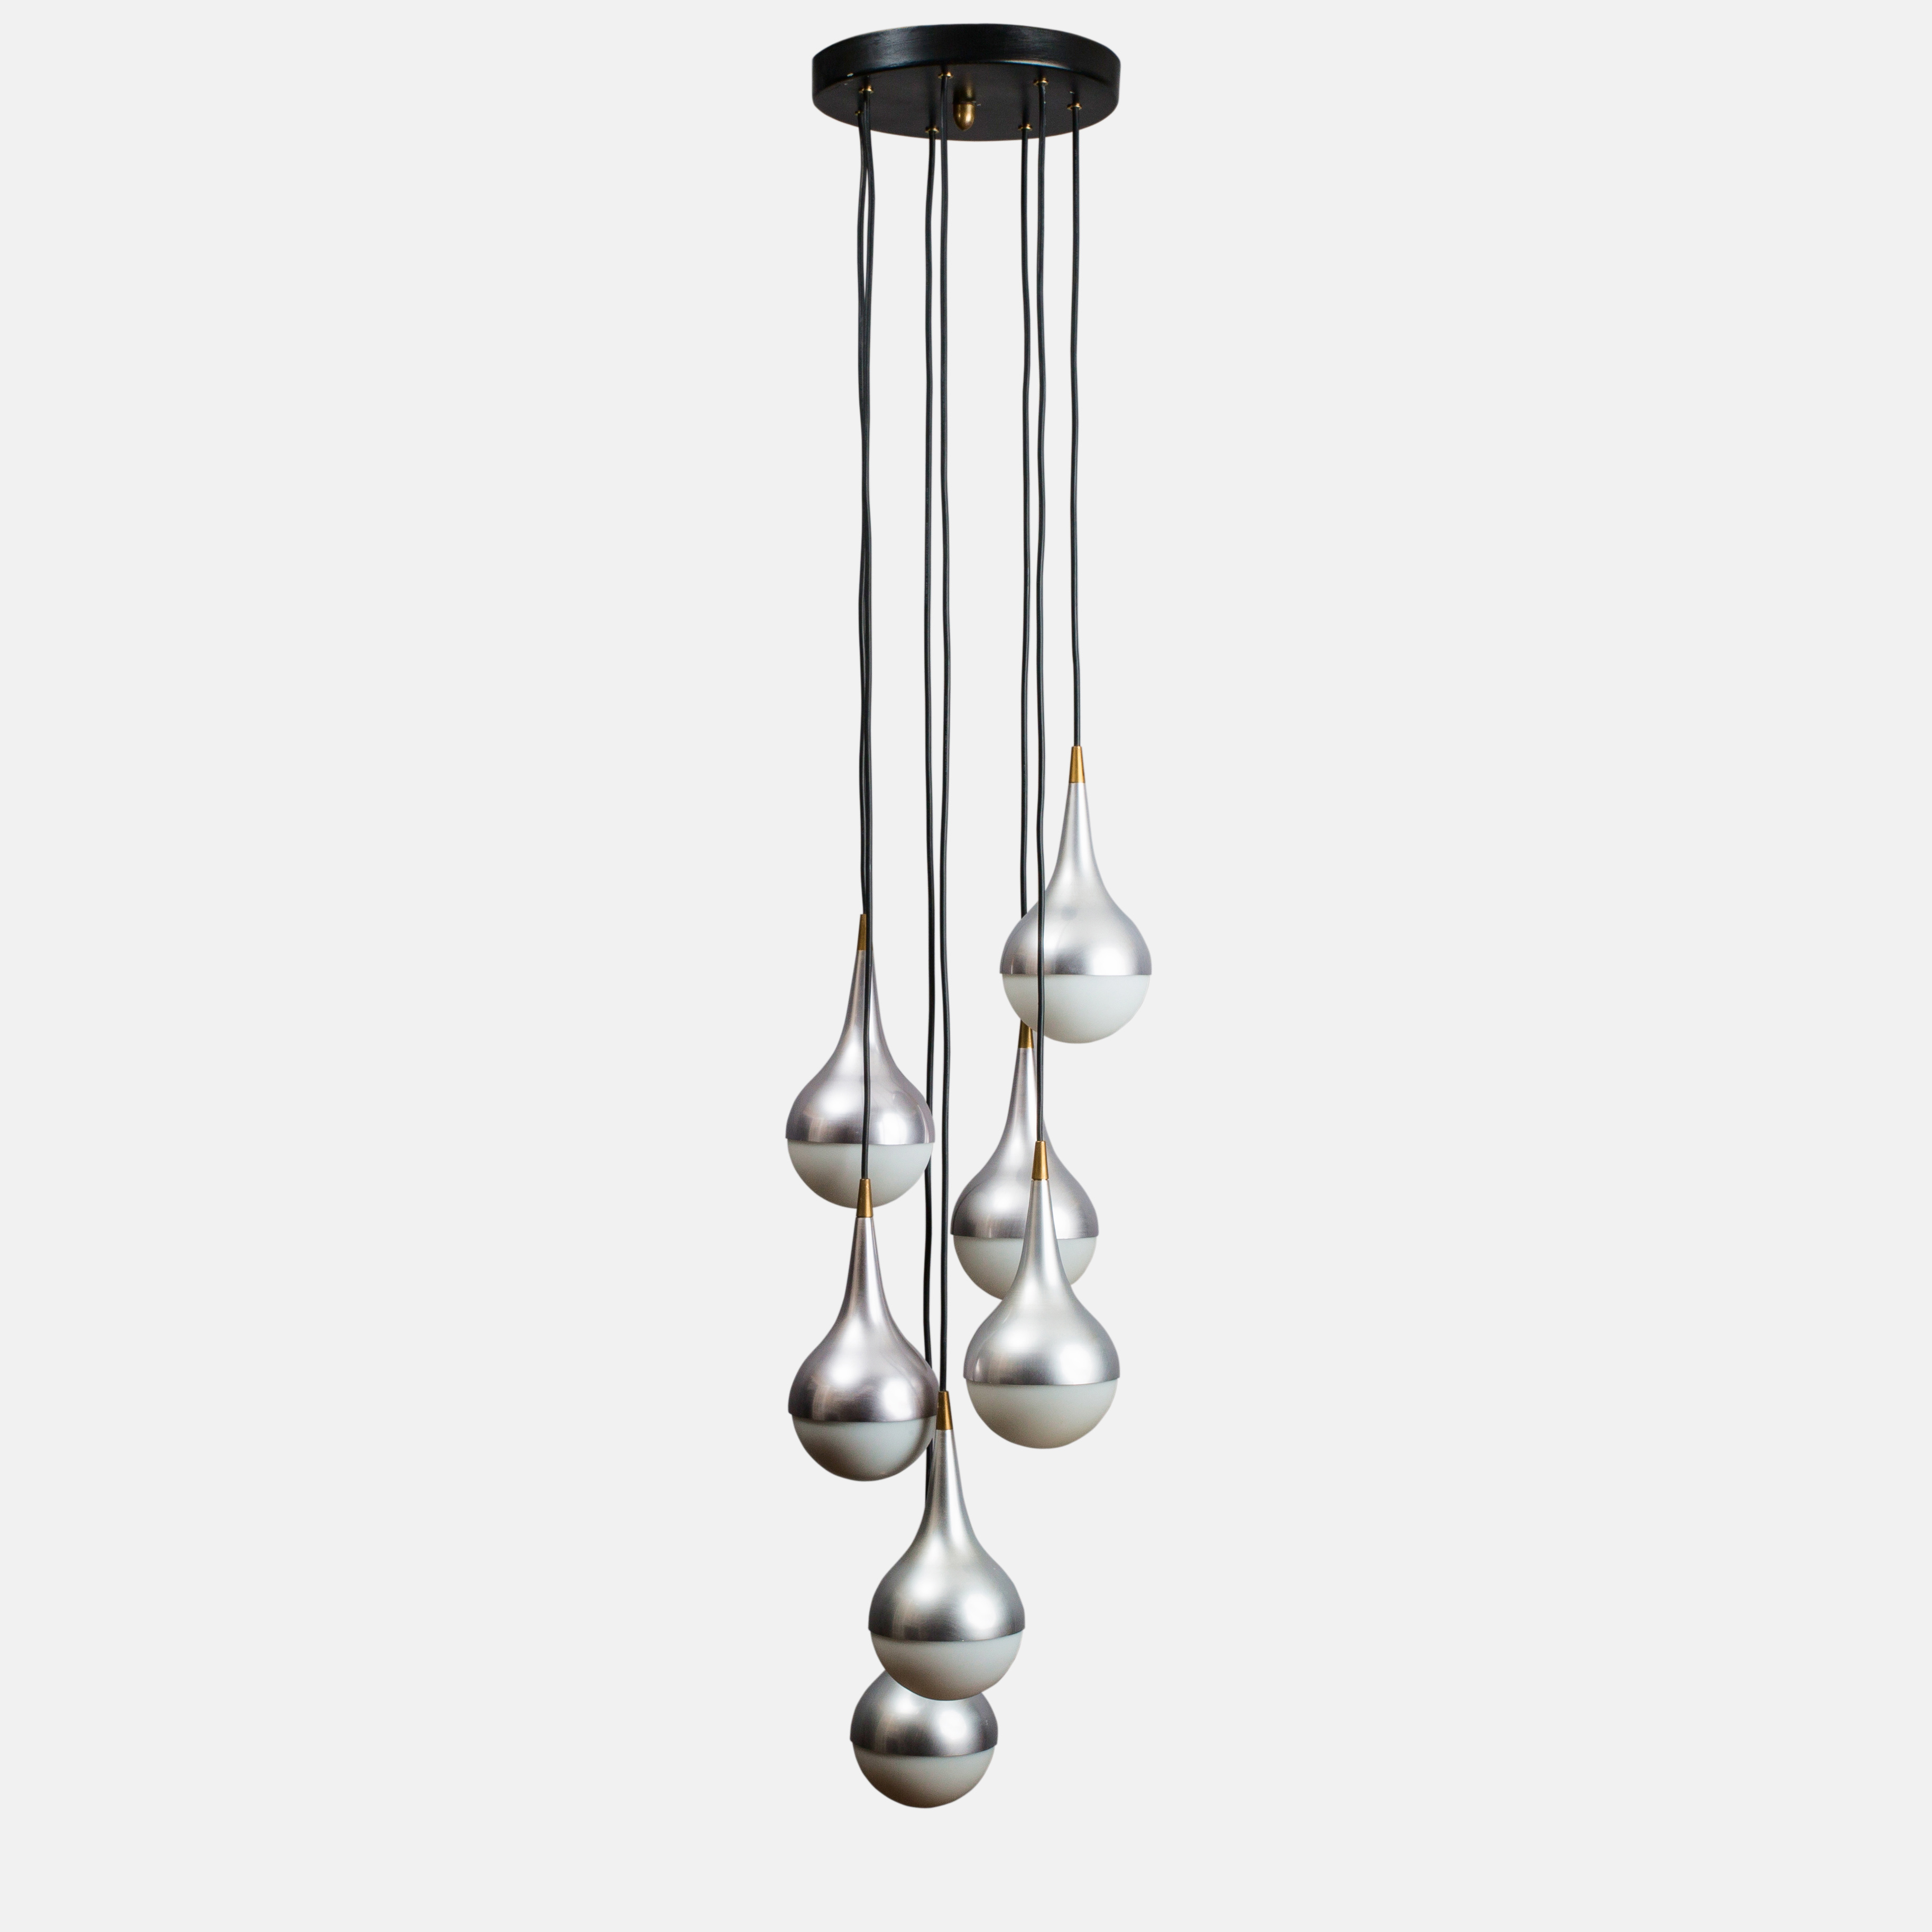 Rare Seven-light Chandelier by Stilnovo | soyun k.